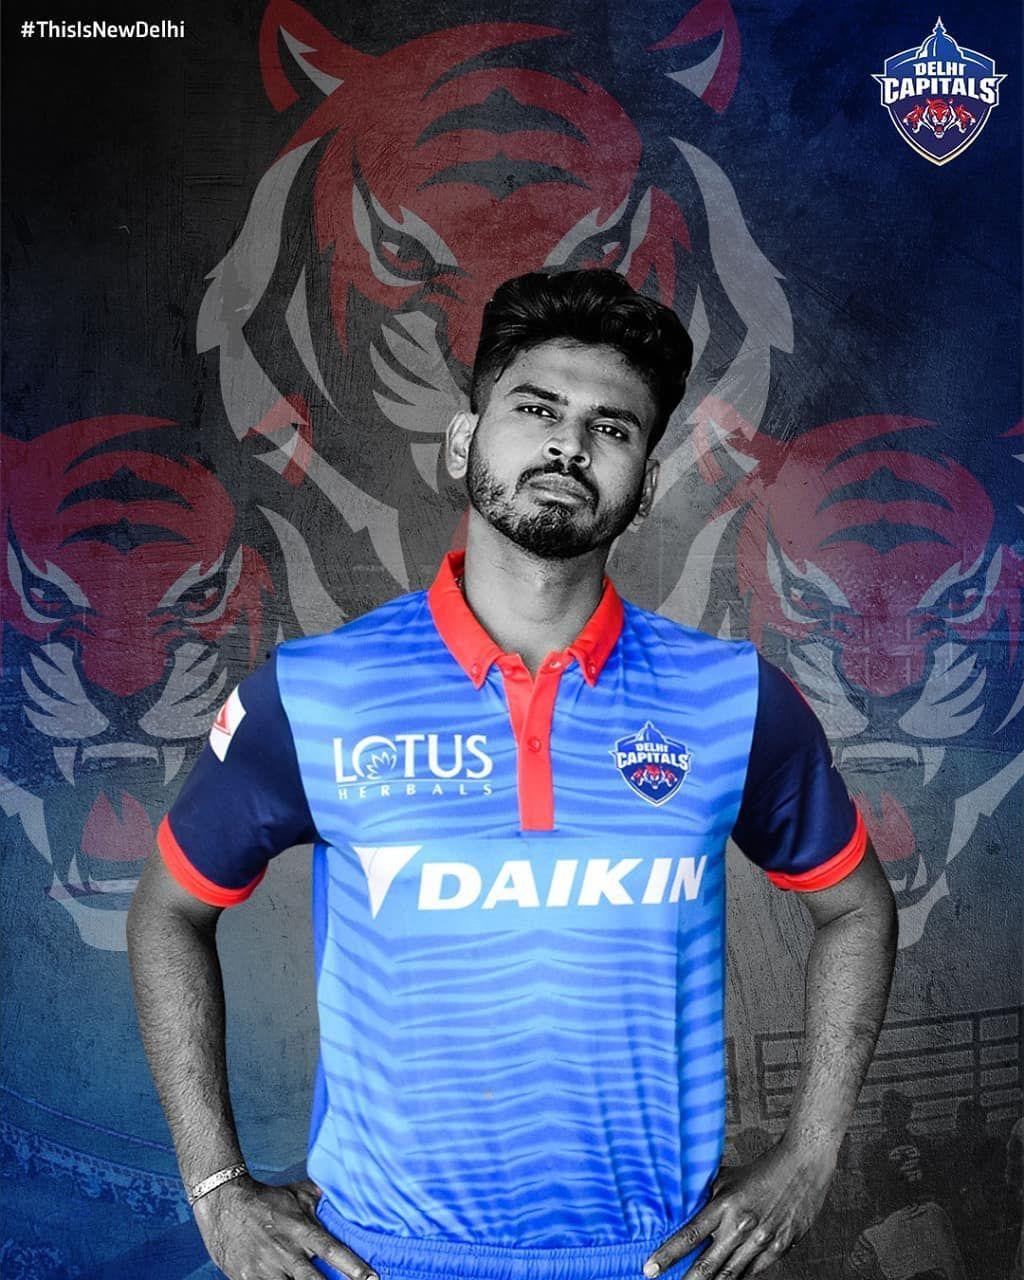 Pin by Kanishka AB on Addictive India cricket team